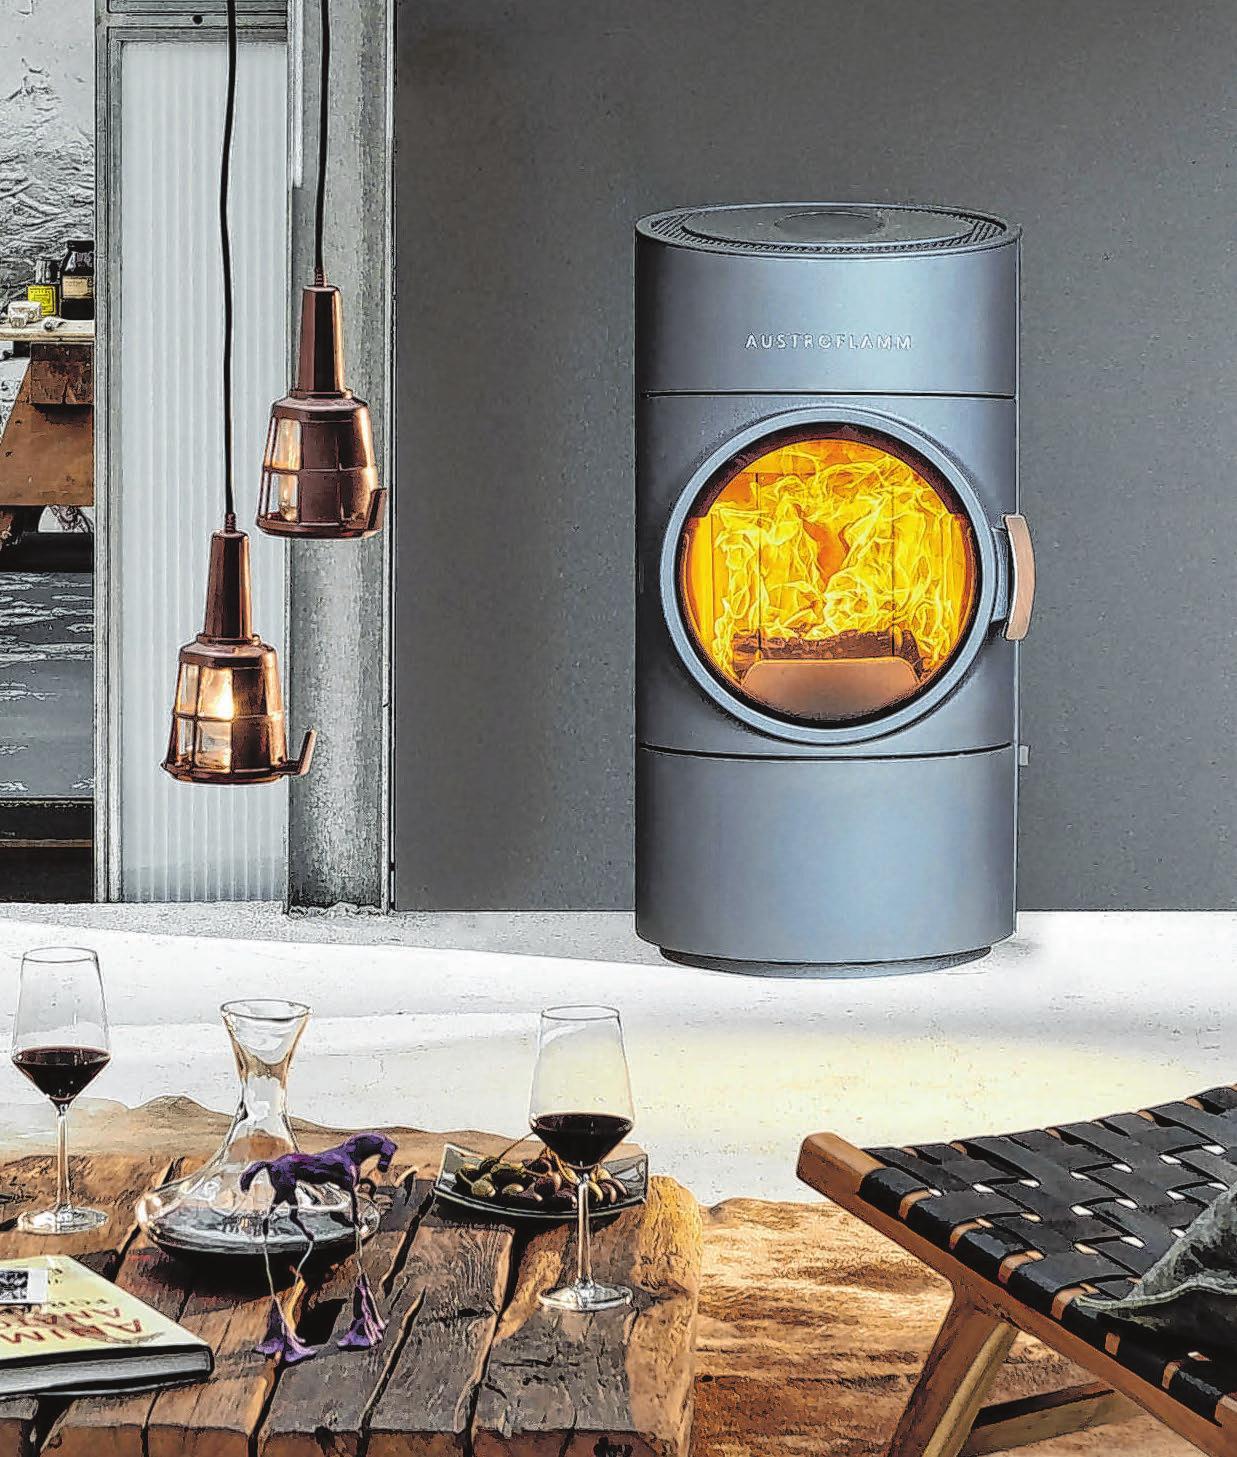 Das eigene Zuhause hat immer einen eigenen Stil: Auch bei der Ofenform sind kaum Grenzen gesetzt. Foto: djd